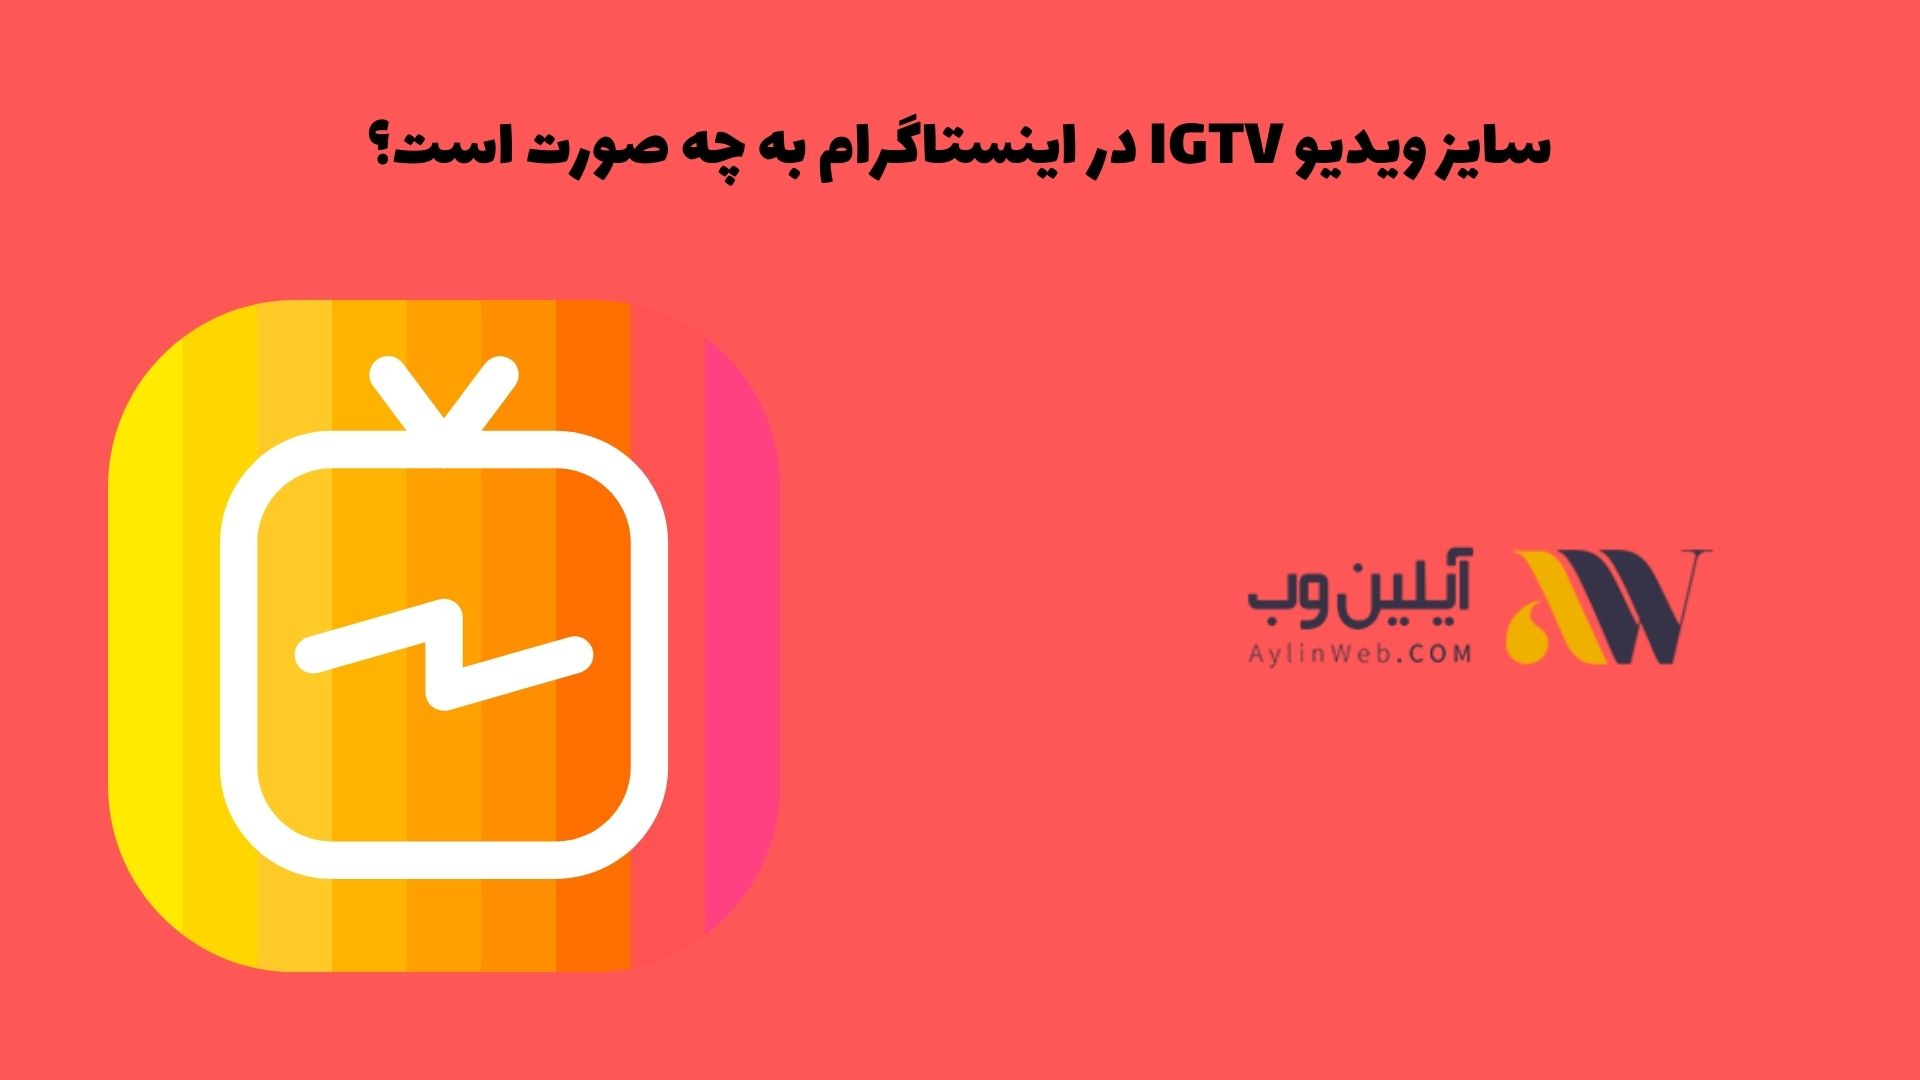 سایز ویدیو IGTV در اینستاگرام به چه صورت است؟